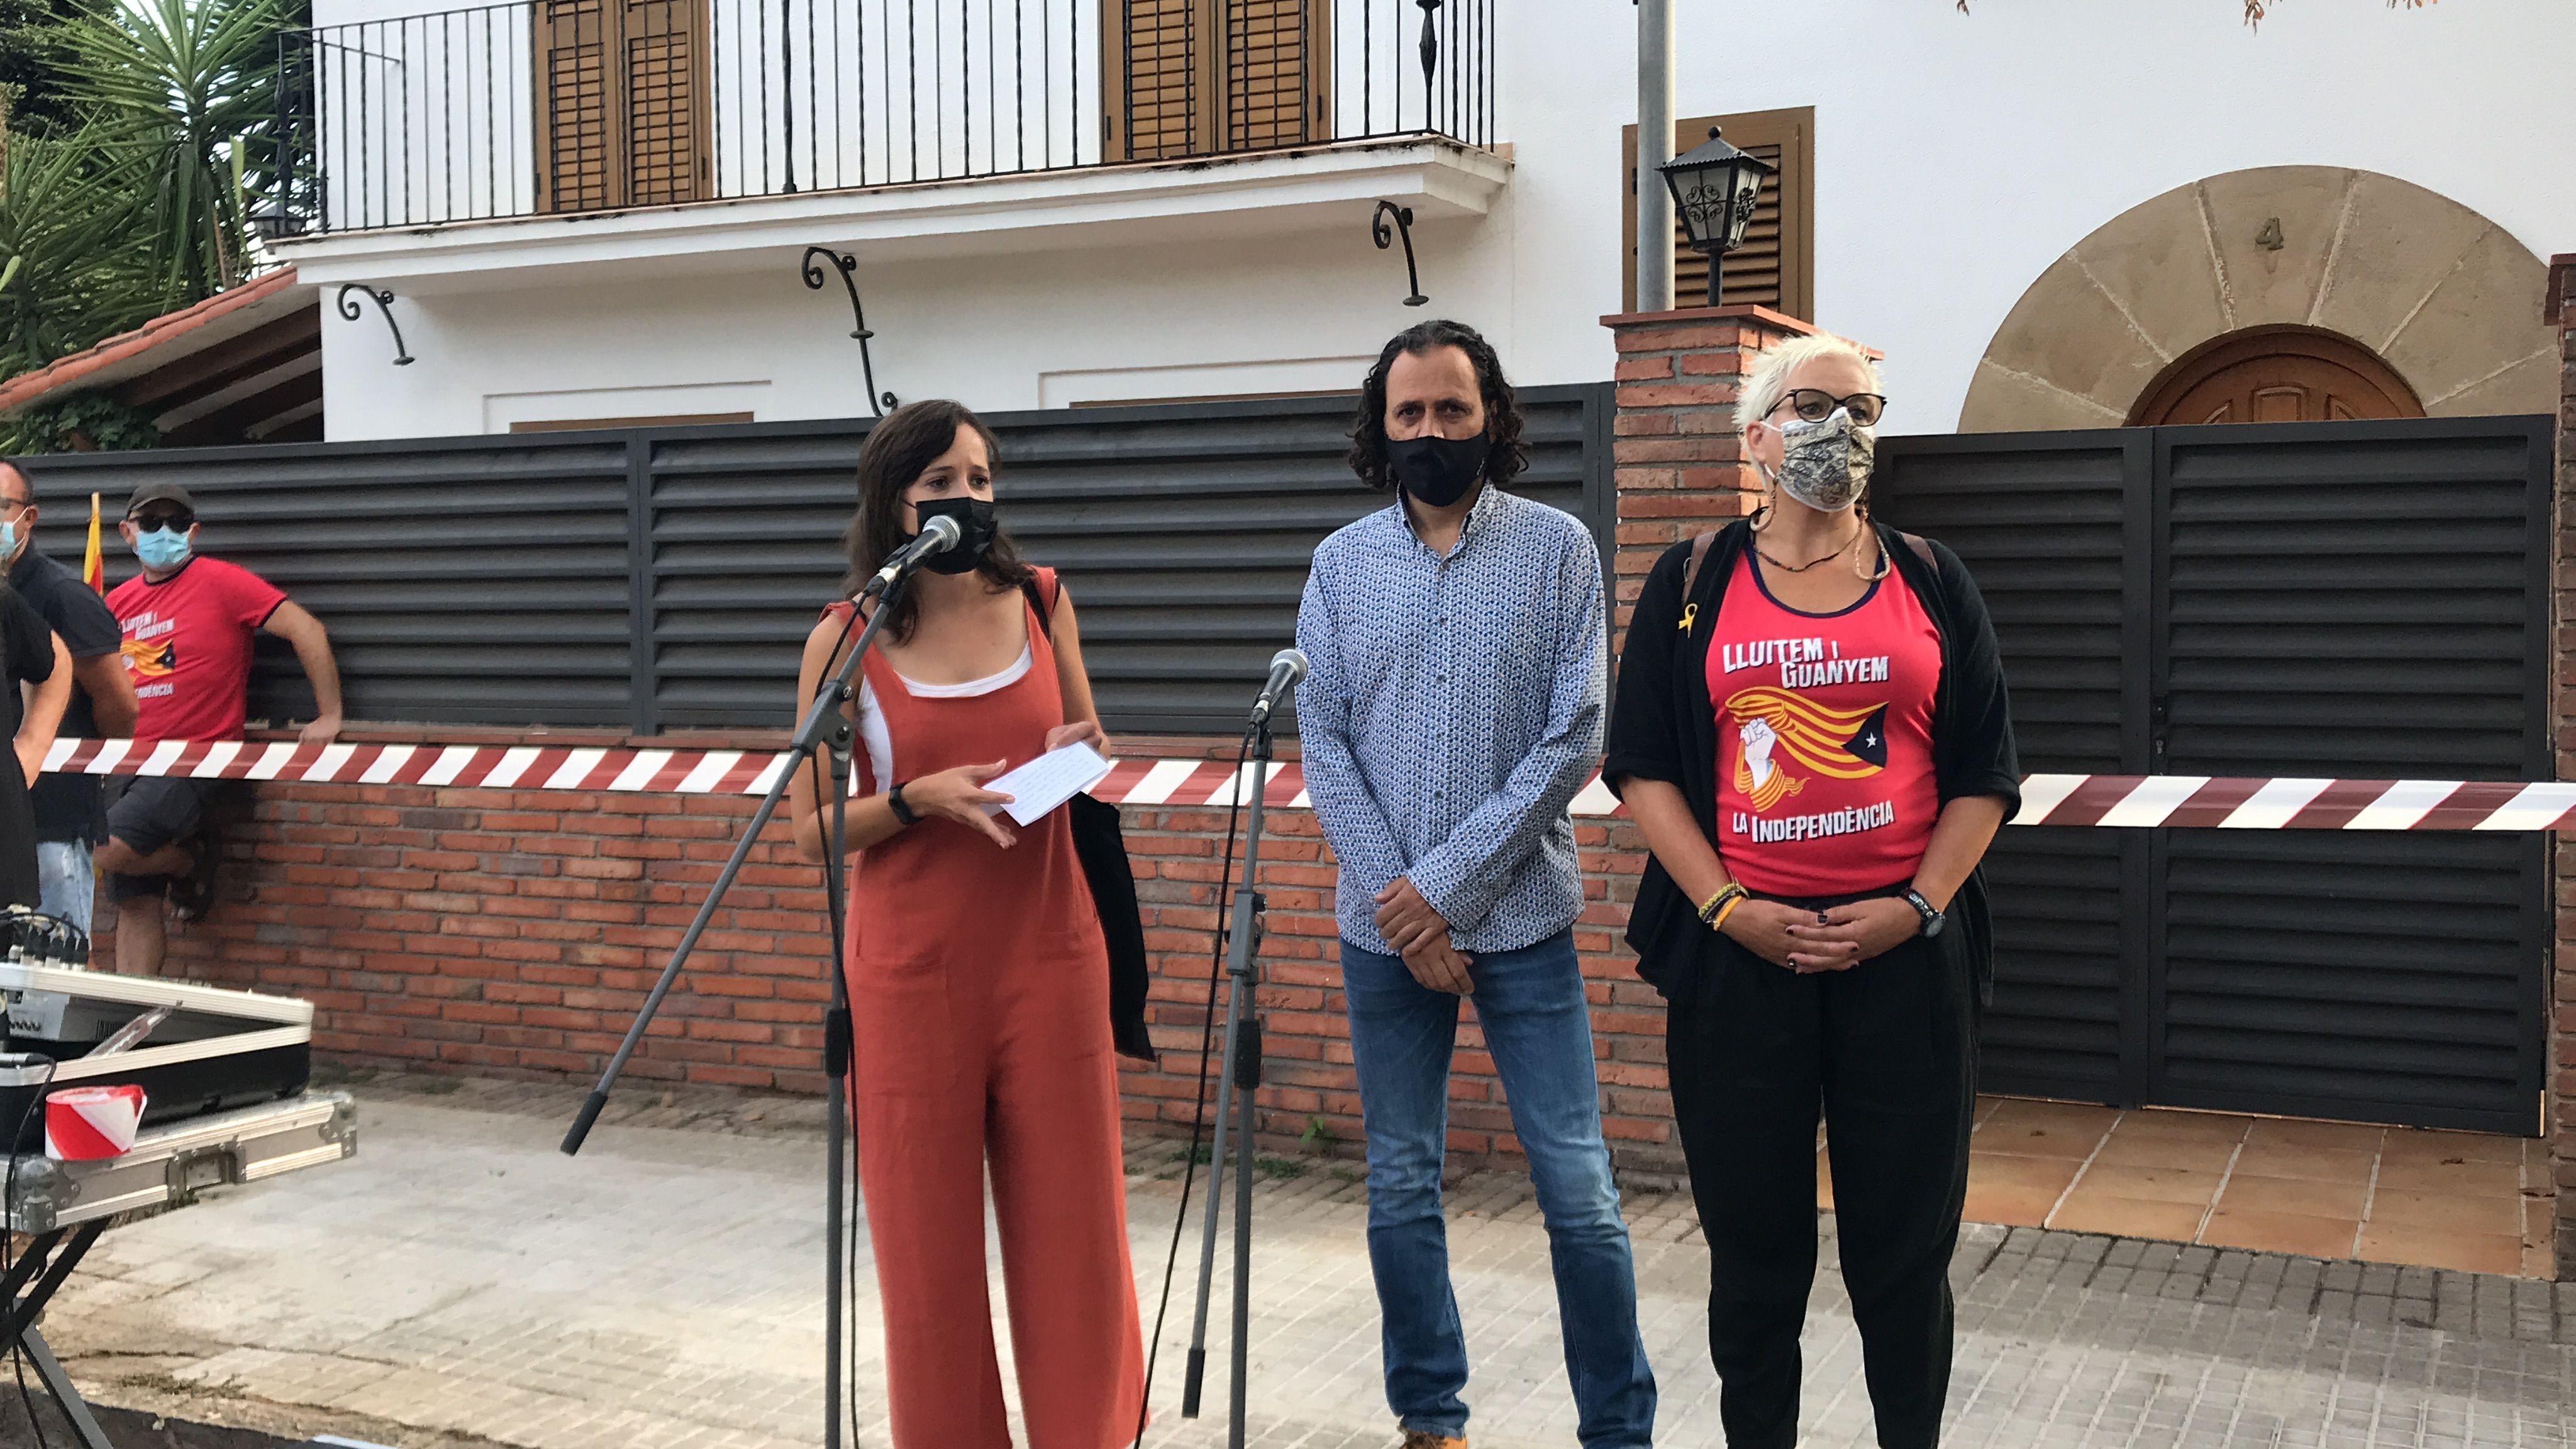 Guanyem explicant per què no va participar de l'ofrena oficial. FOTO: Nora Muñoz